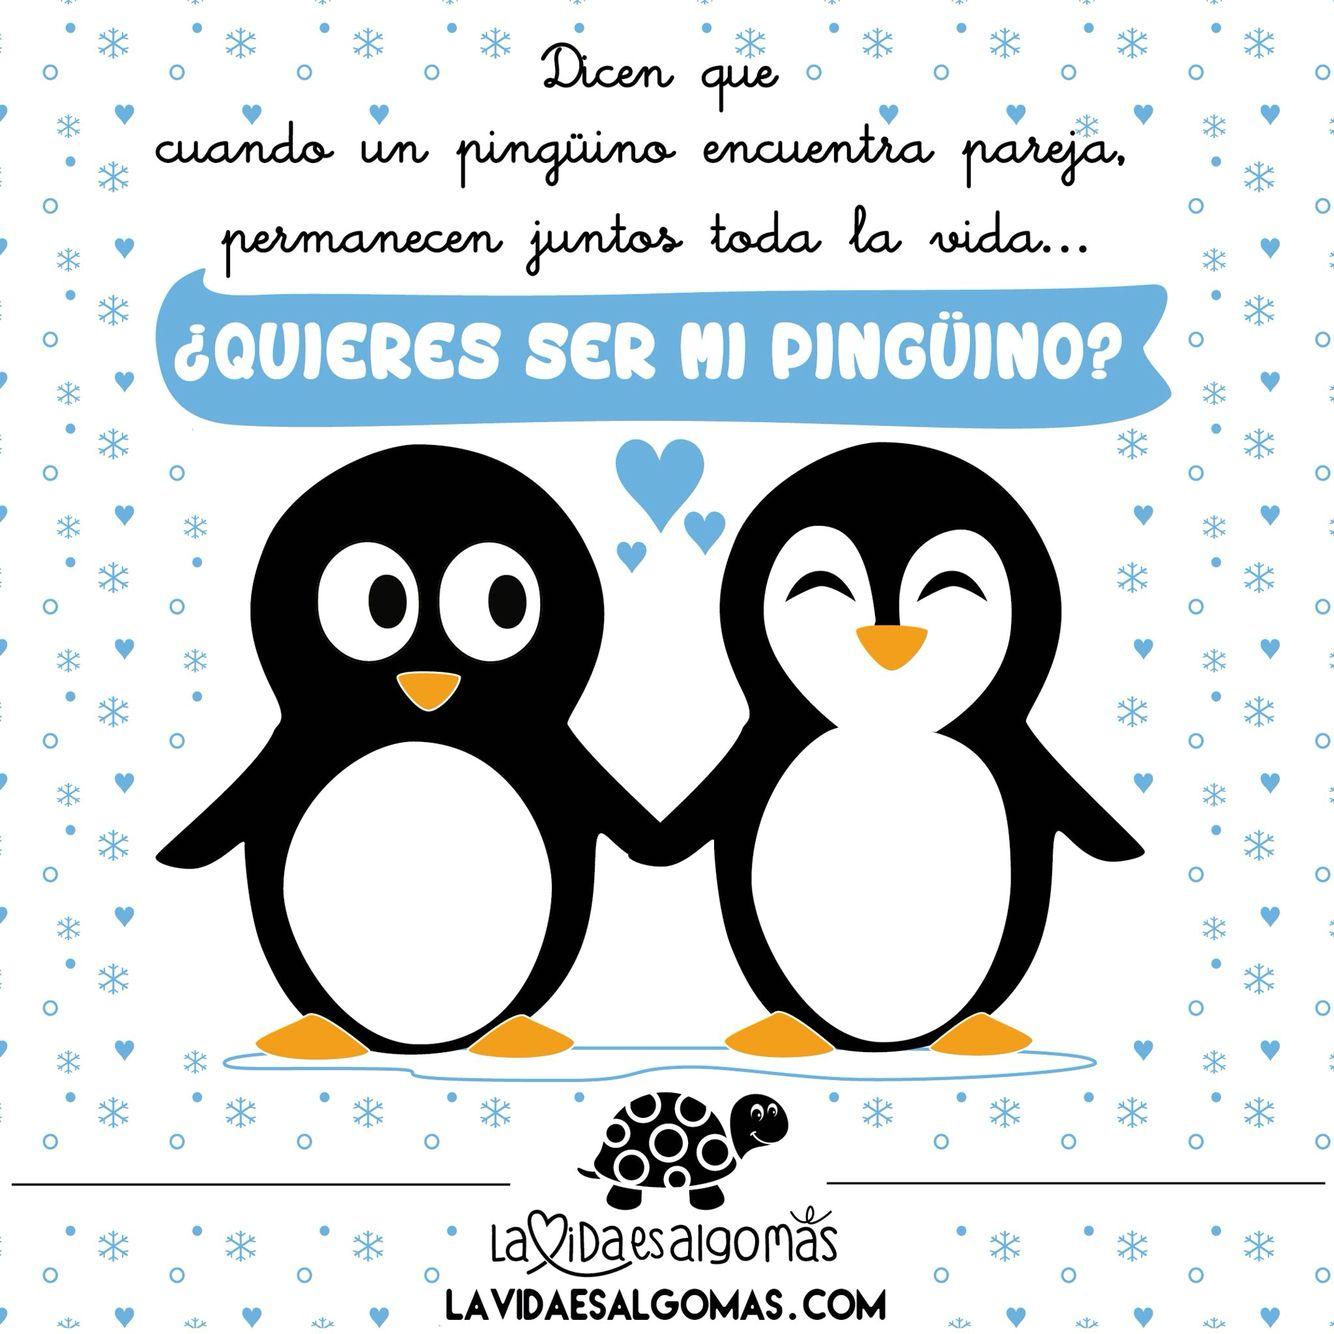 Quieres Ser Mi Pinguino Buenos Dias A Por El Jueves